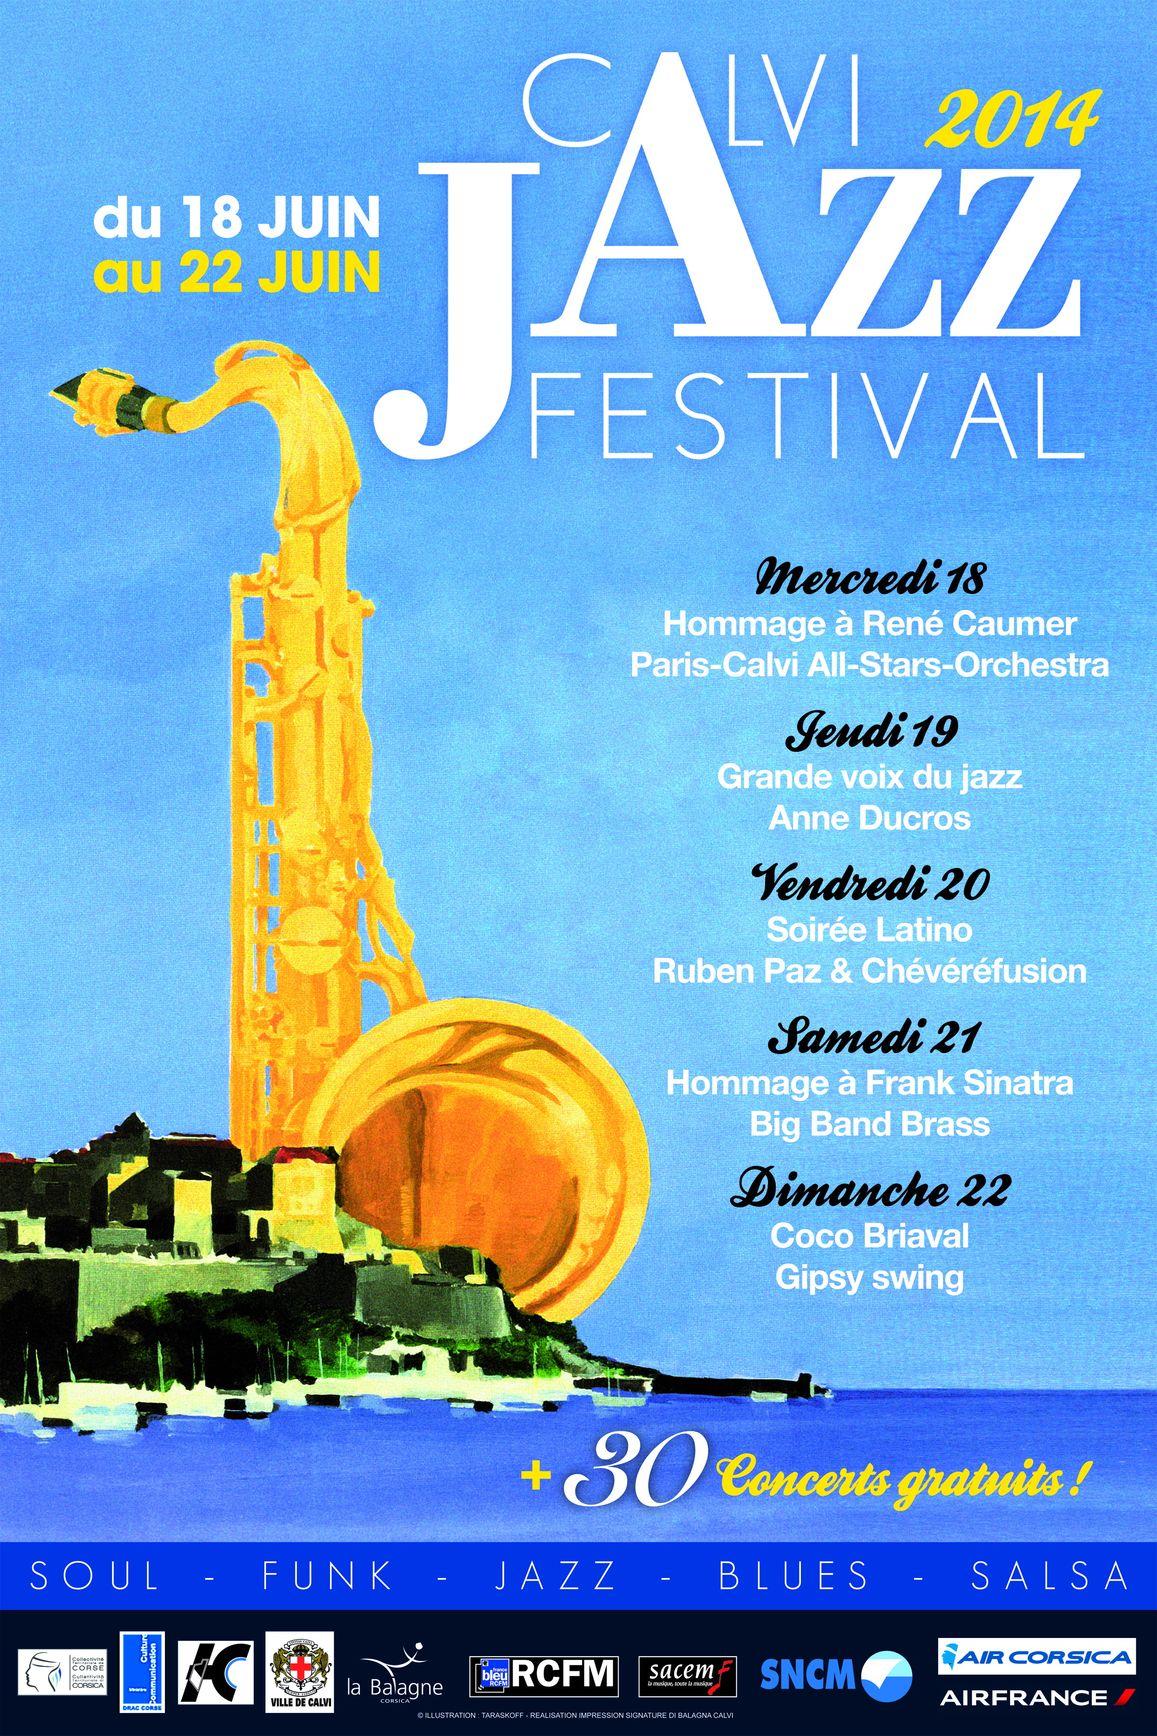 Le Calvi Jazz Festival rend hommage à son père fondateur René Caumer